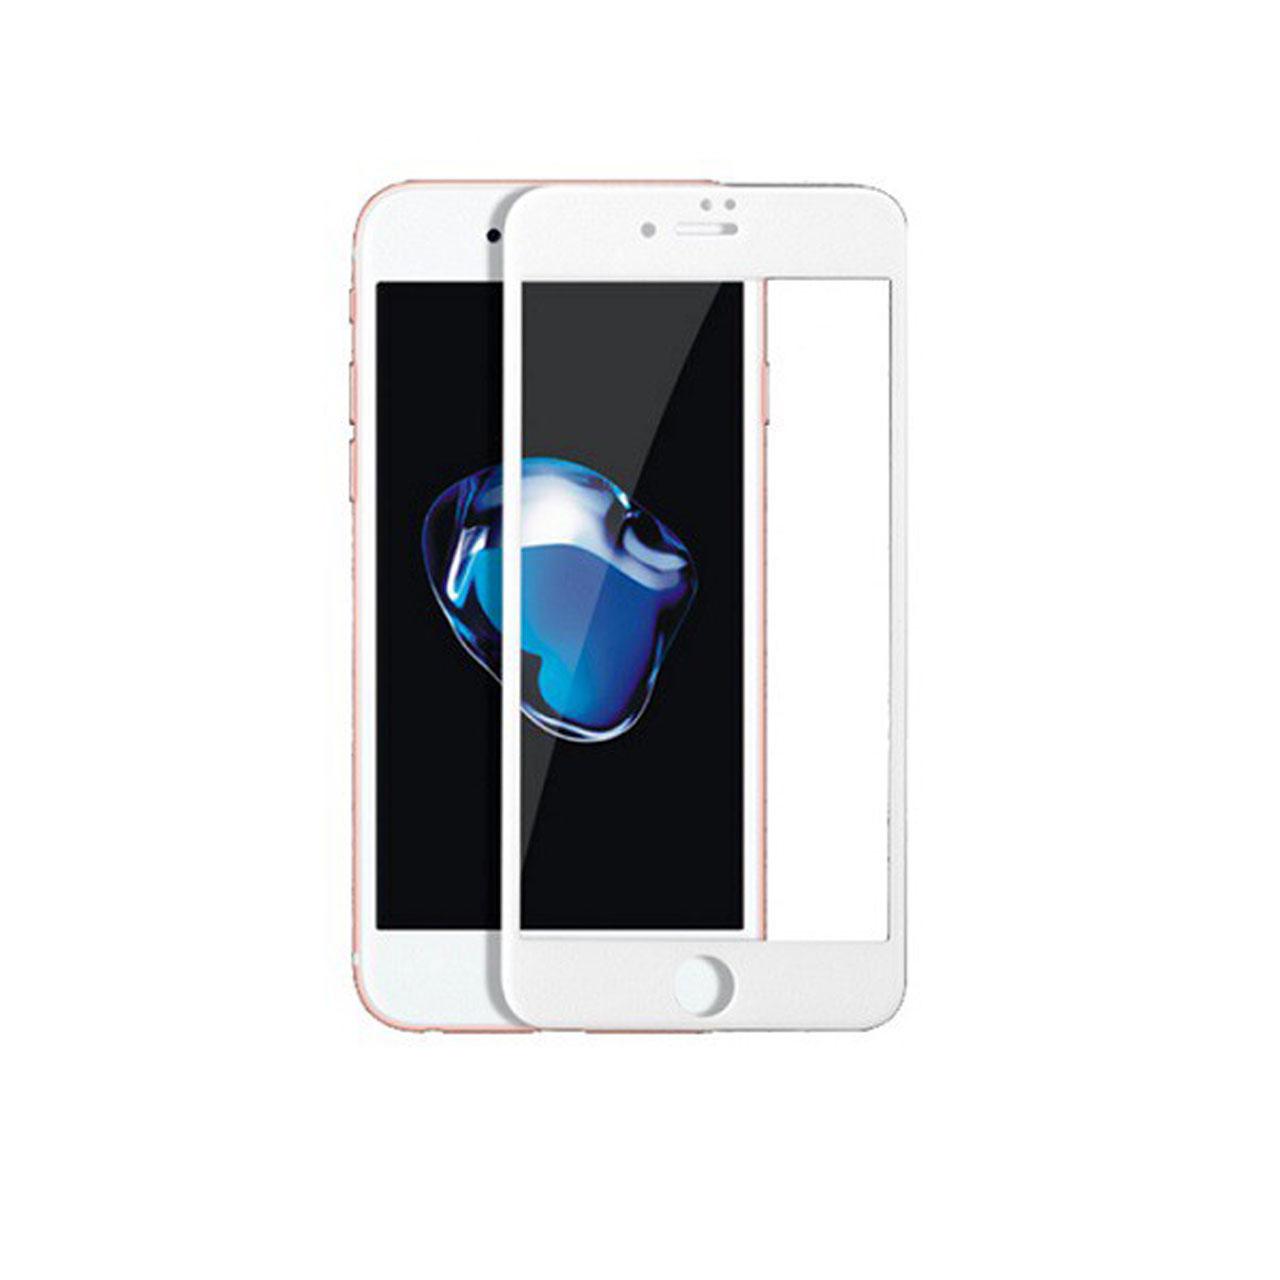 محافظ صفحه نمایش مدل i8 مناسب برای گوشی موبایل اپل iPhone 8